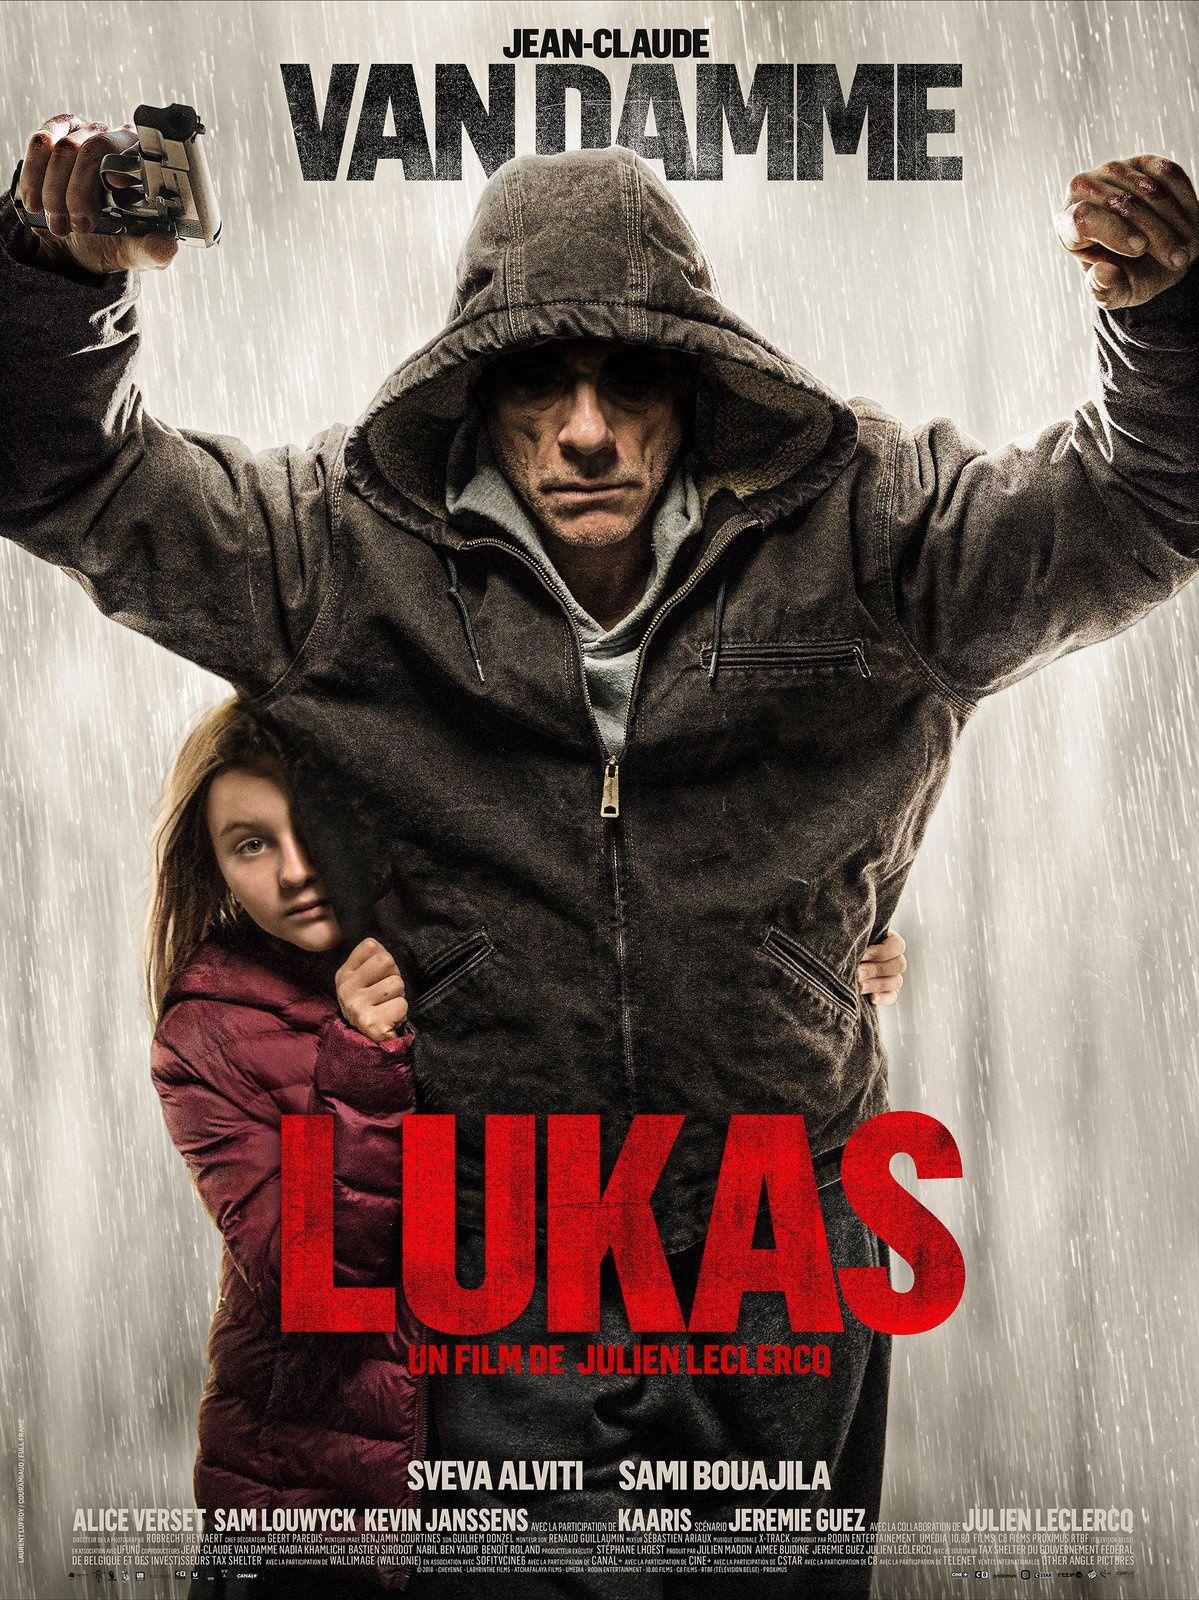 Bande-annonce du film Lukas, avec Jean-Claude Van Damme.